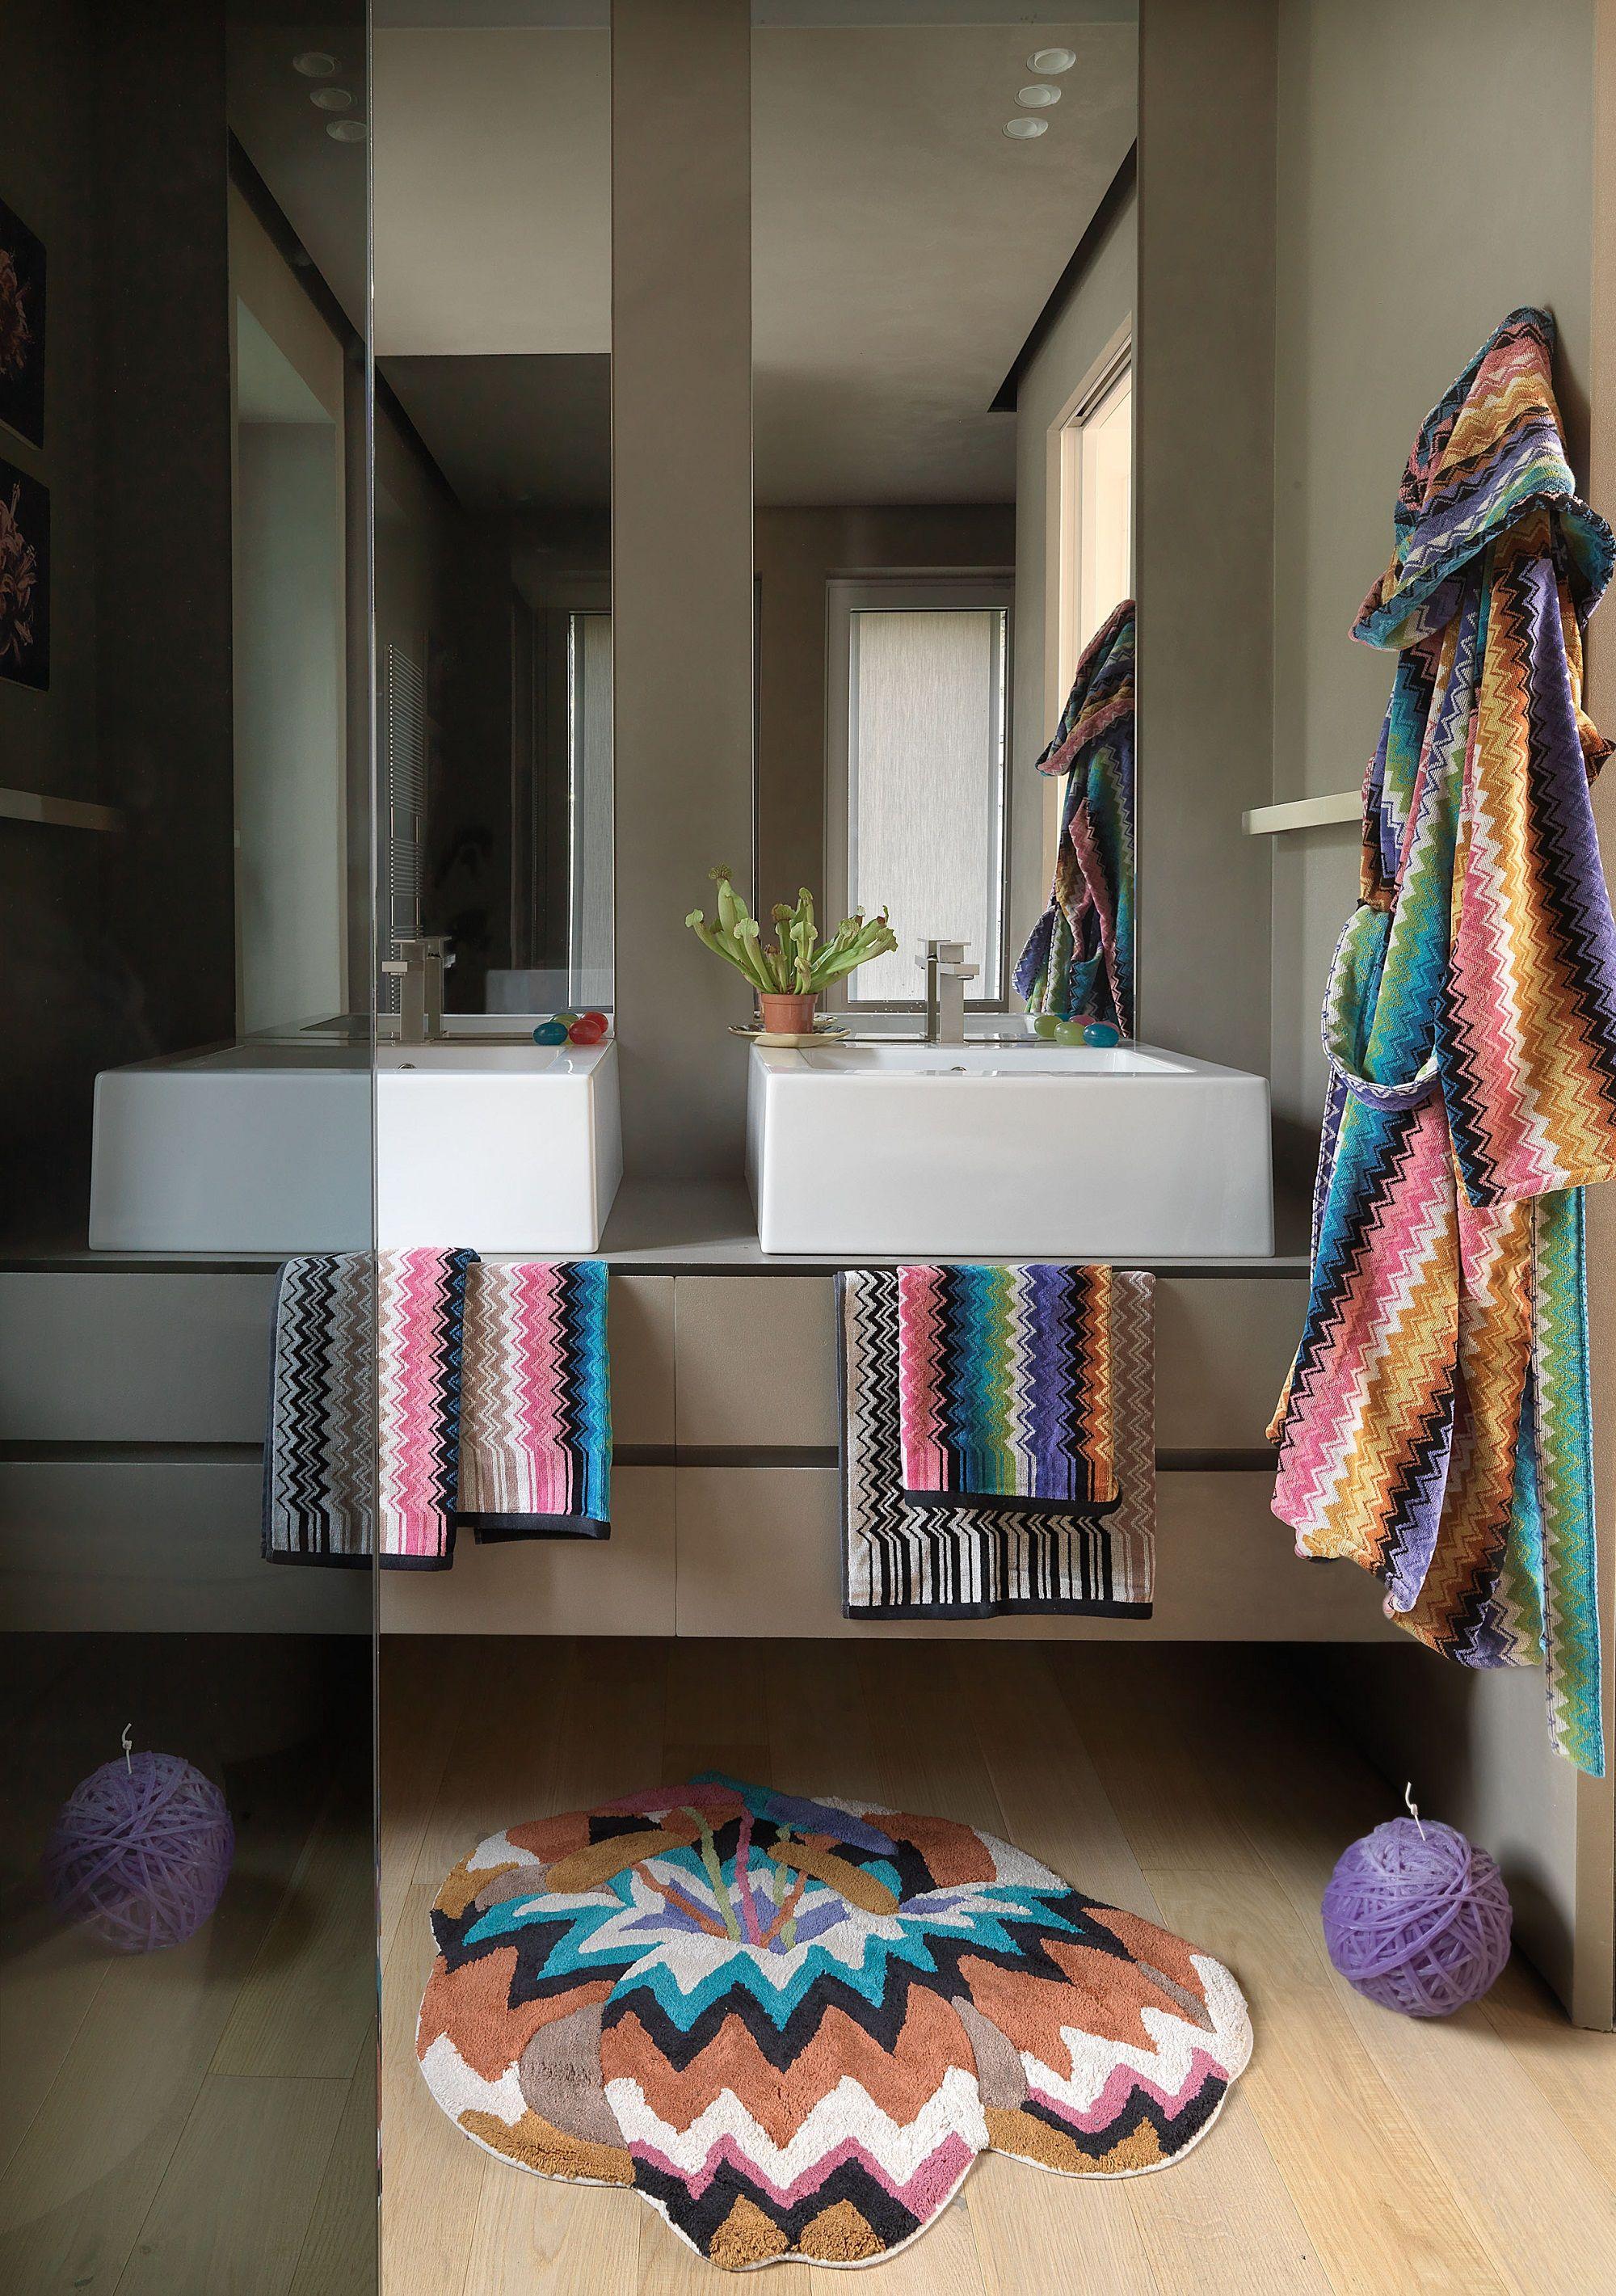 Missoni Home Renata Round Bath Rug Gracious Home Home Ideas - Circle bath rug for bathroom decorating ideas